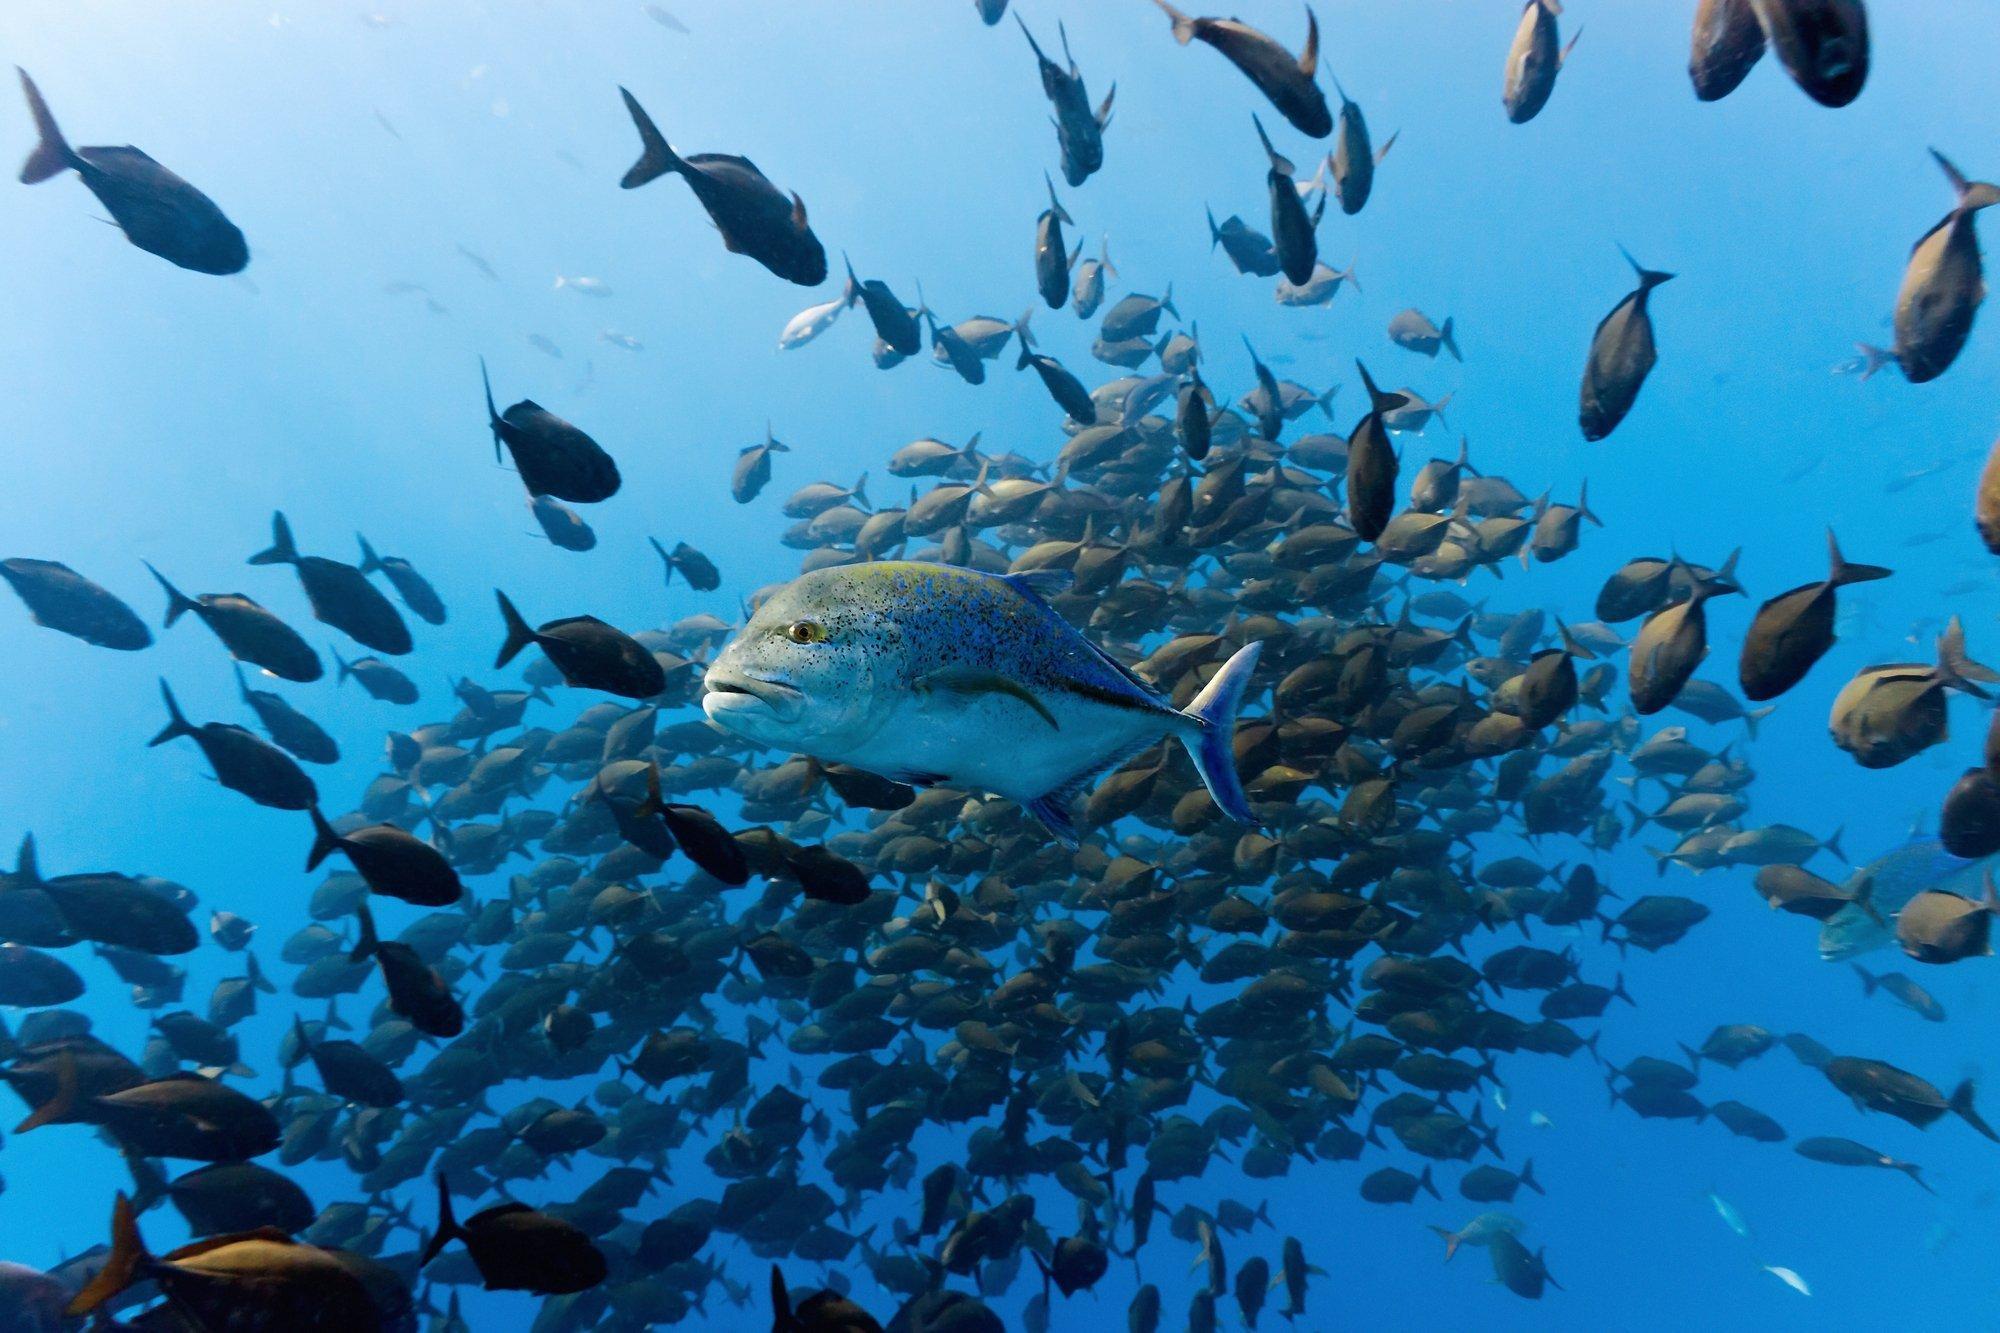 Das Bild zeigt Fischschwärme im Ozean